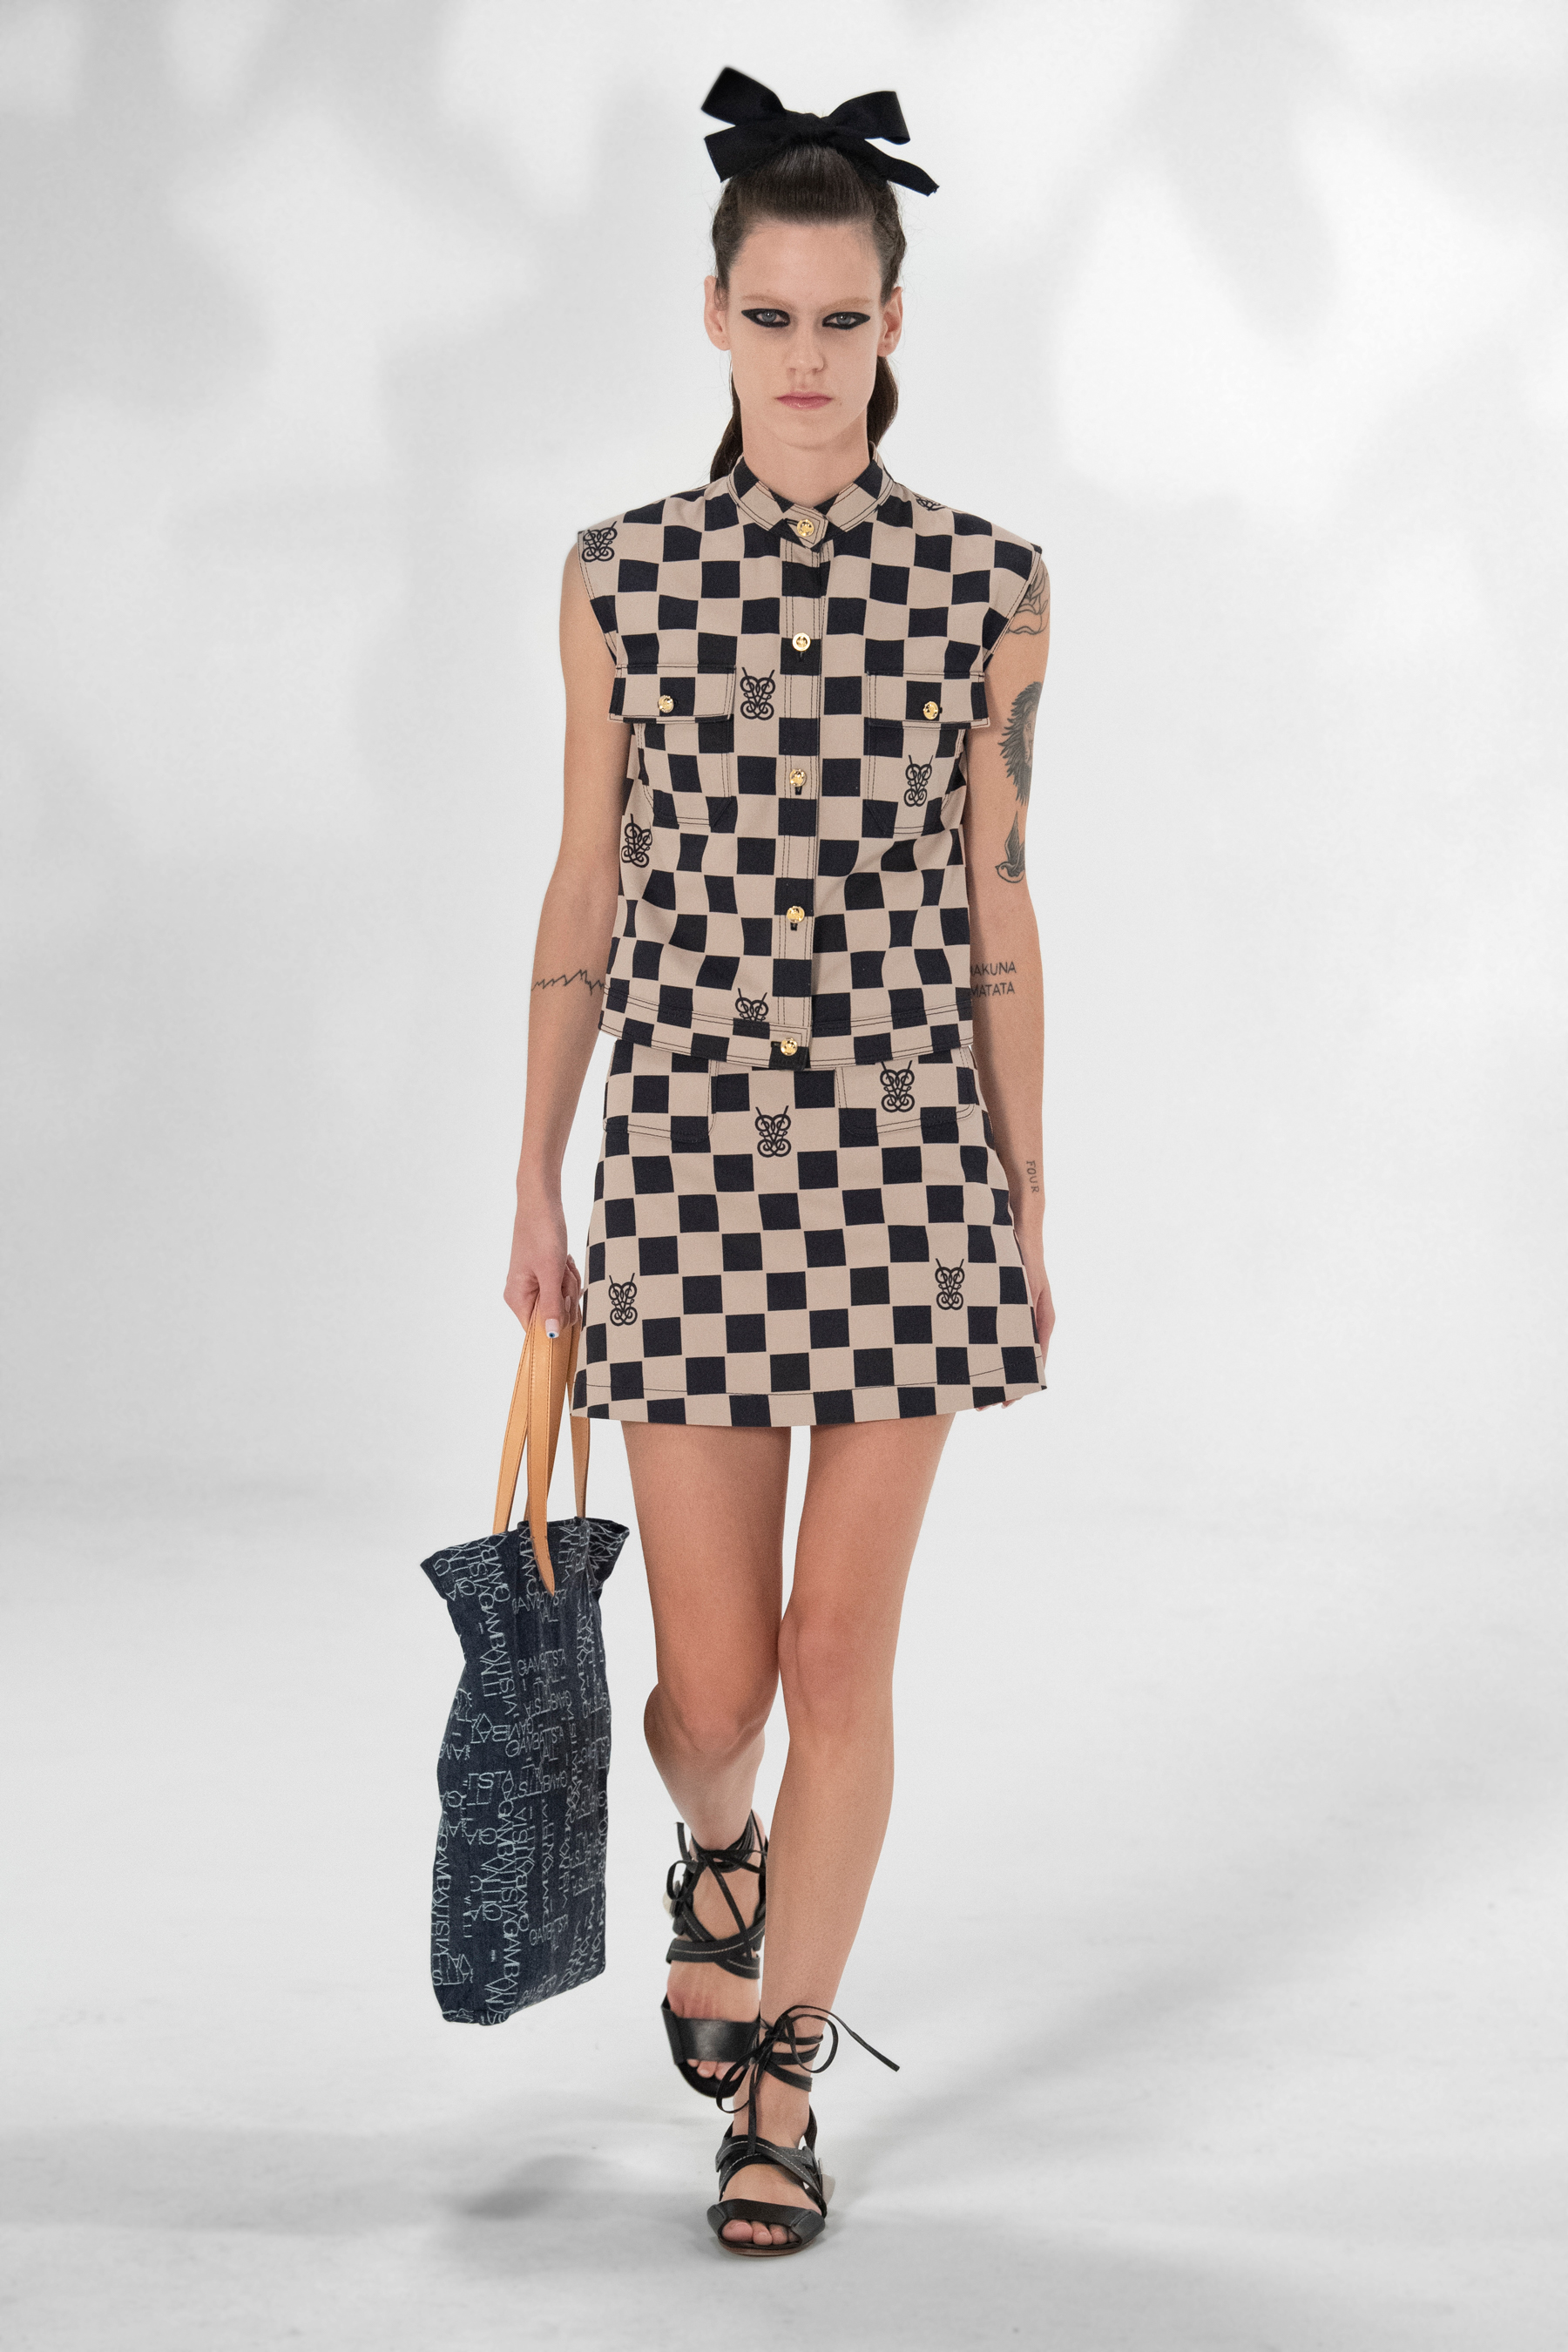 Giambattista Valli Spring 2021 Fashion Show Photos